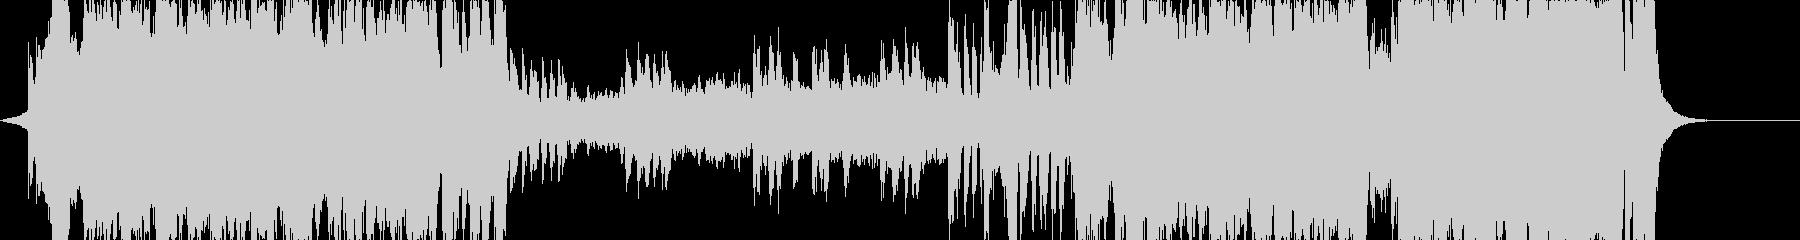 華やかに旅立つ音、安い音源バージョンの未再生の波形